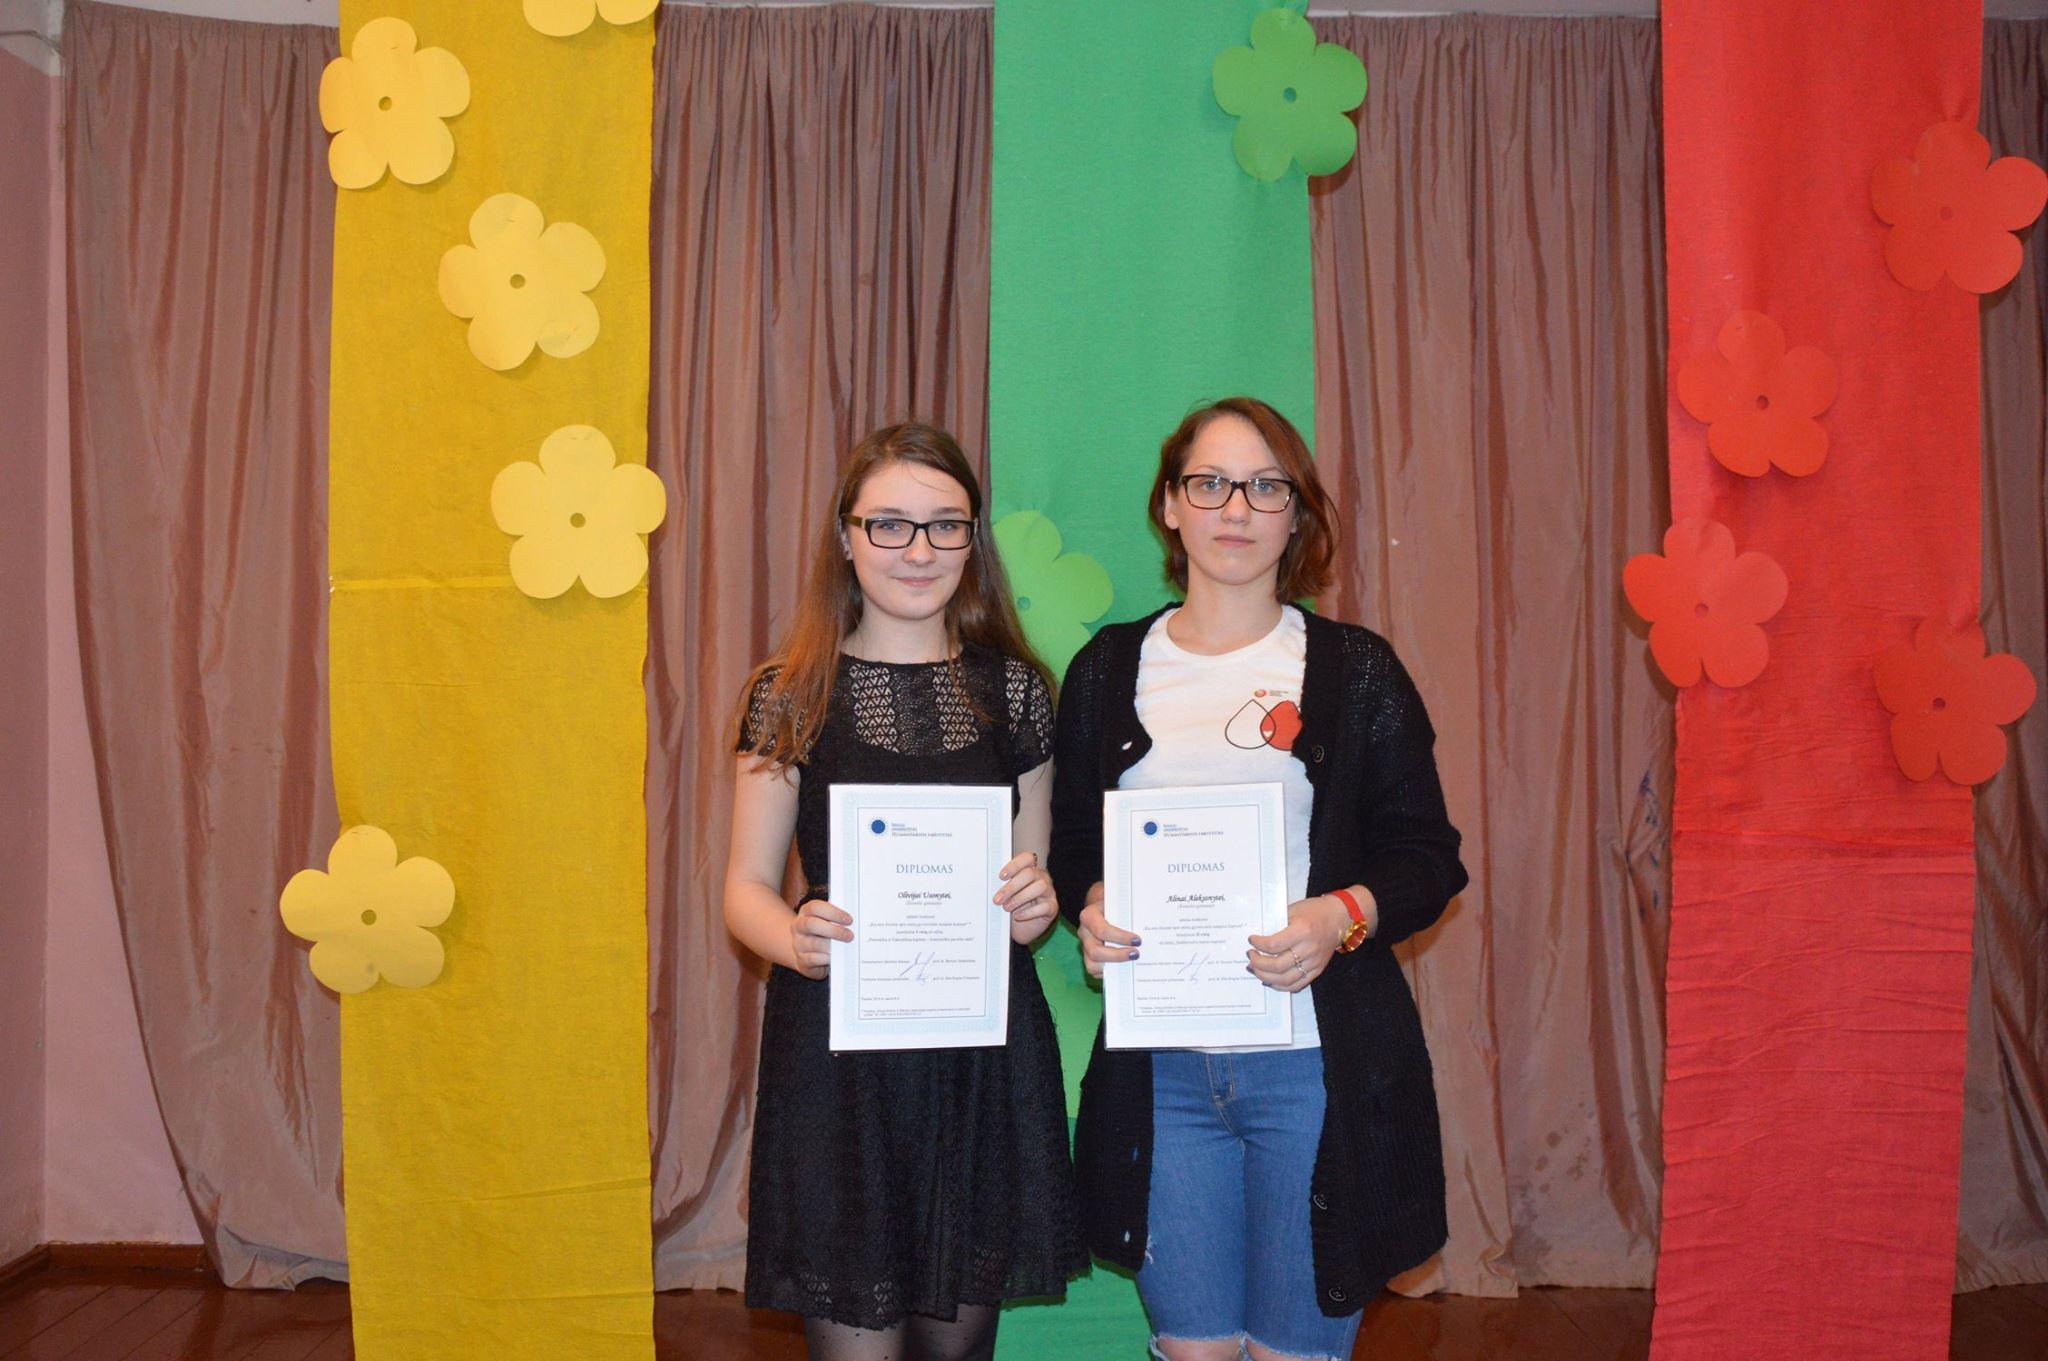 Konkurso nugalėtojos Olivija Usonytė (kairėje) ir Alina Aleksonytė (dešinėje)